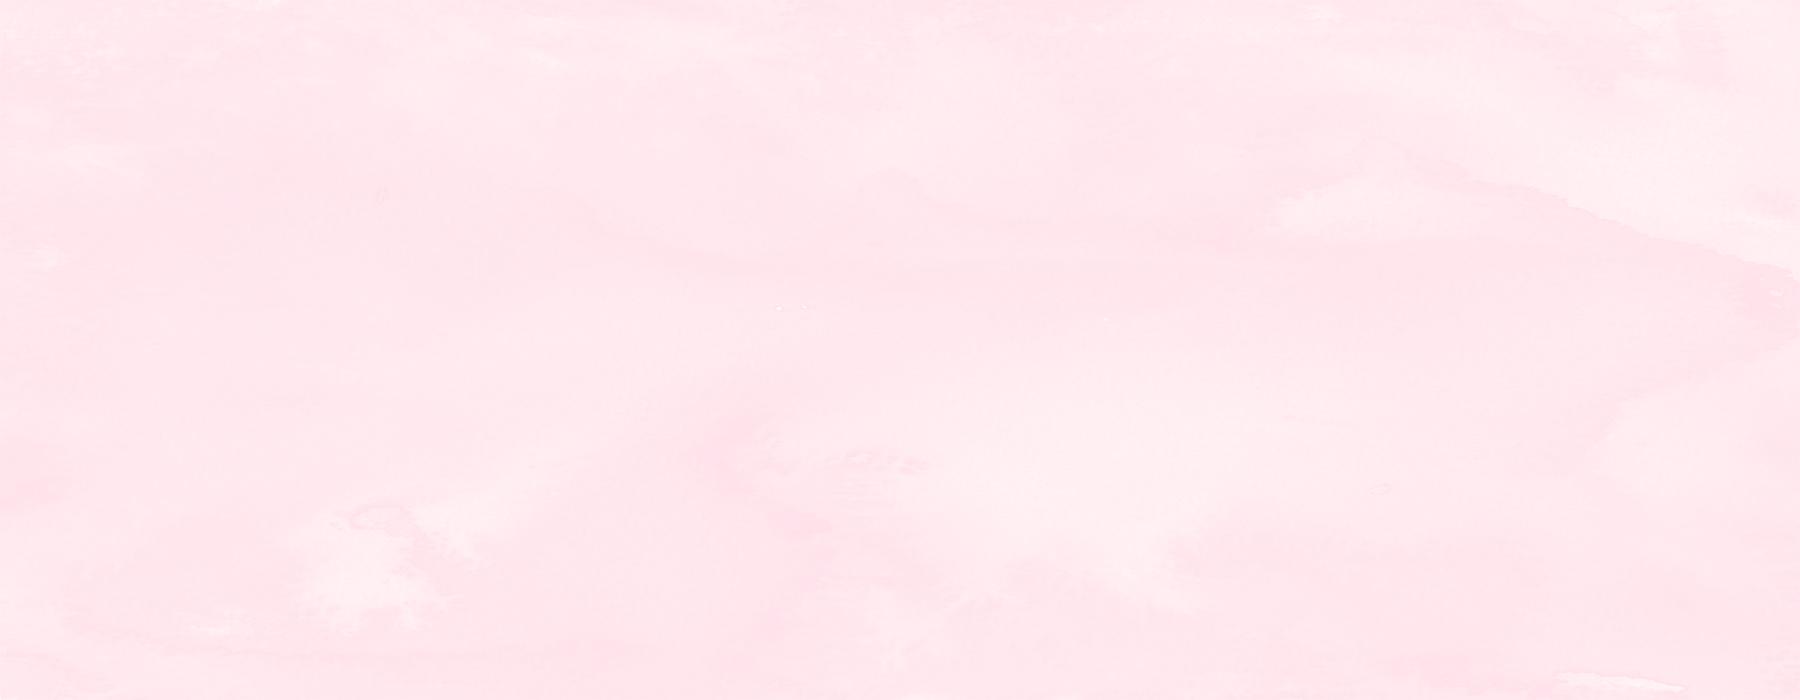 Unduh 44 Background Rosa Gratis Terbaik